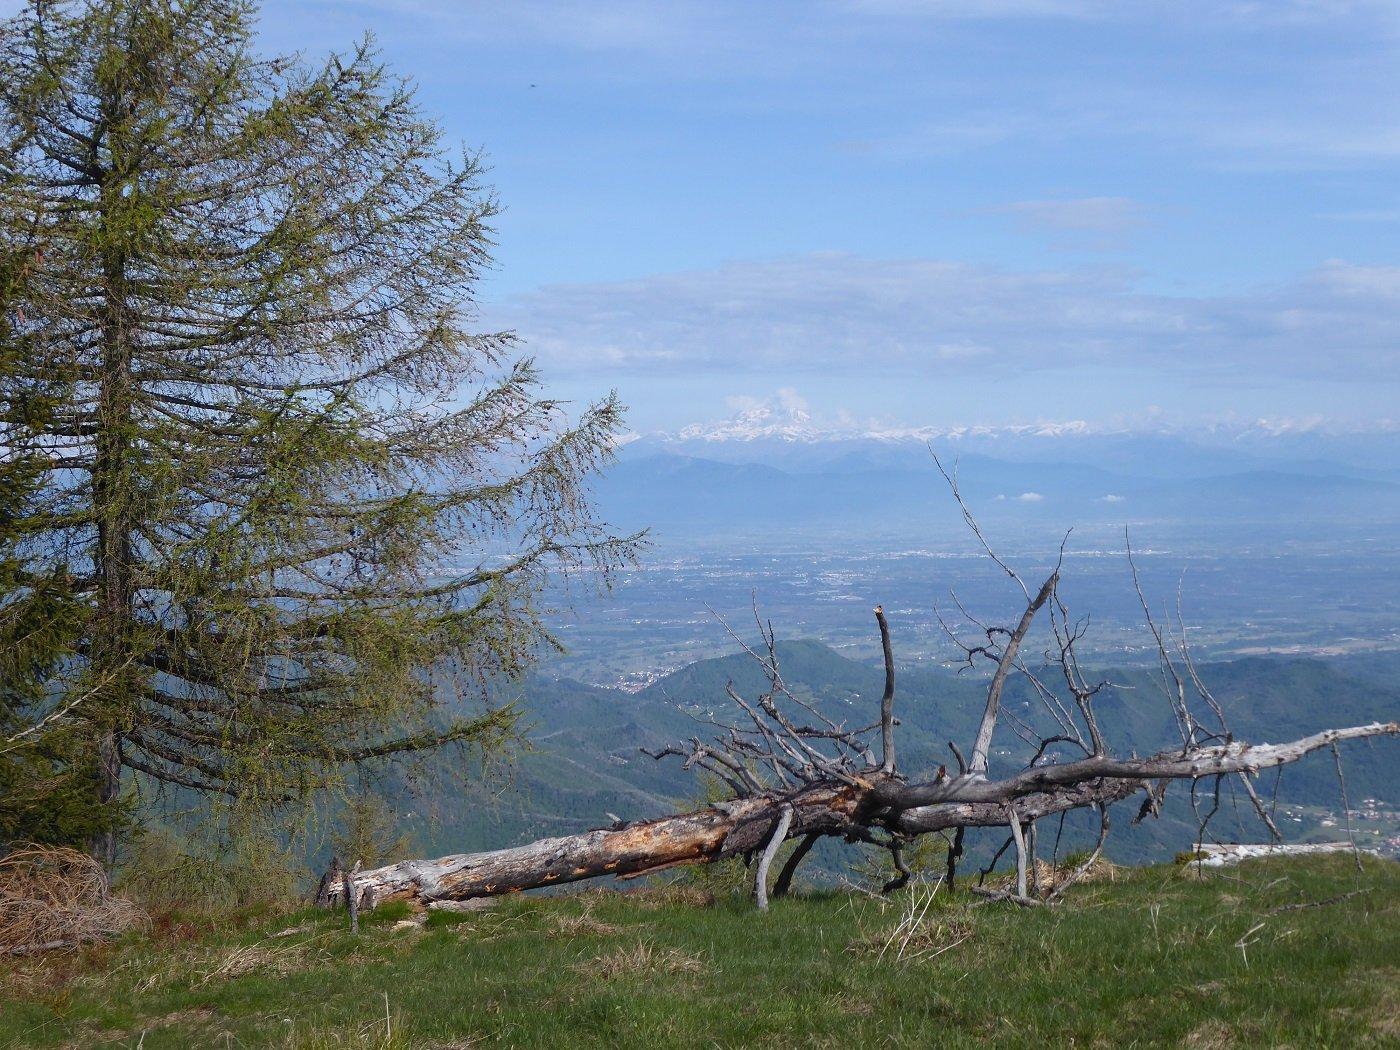 Sguardo verso la pianura dal M.te Moro. Sullo sfondo, tra le nubi, il Monviso.